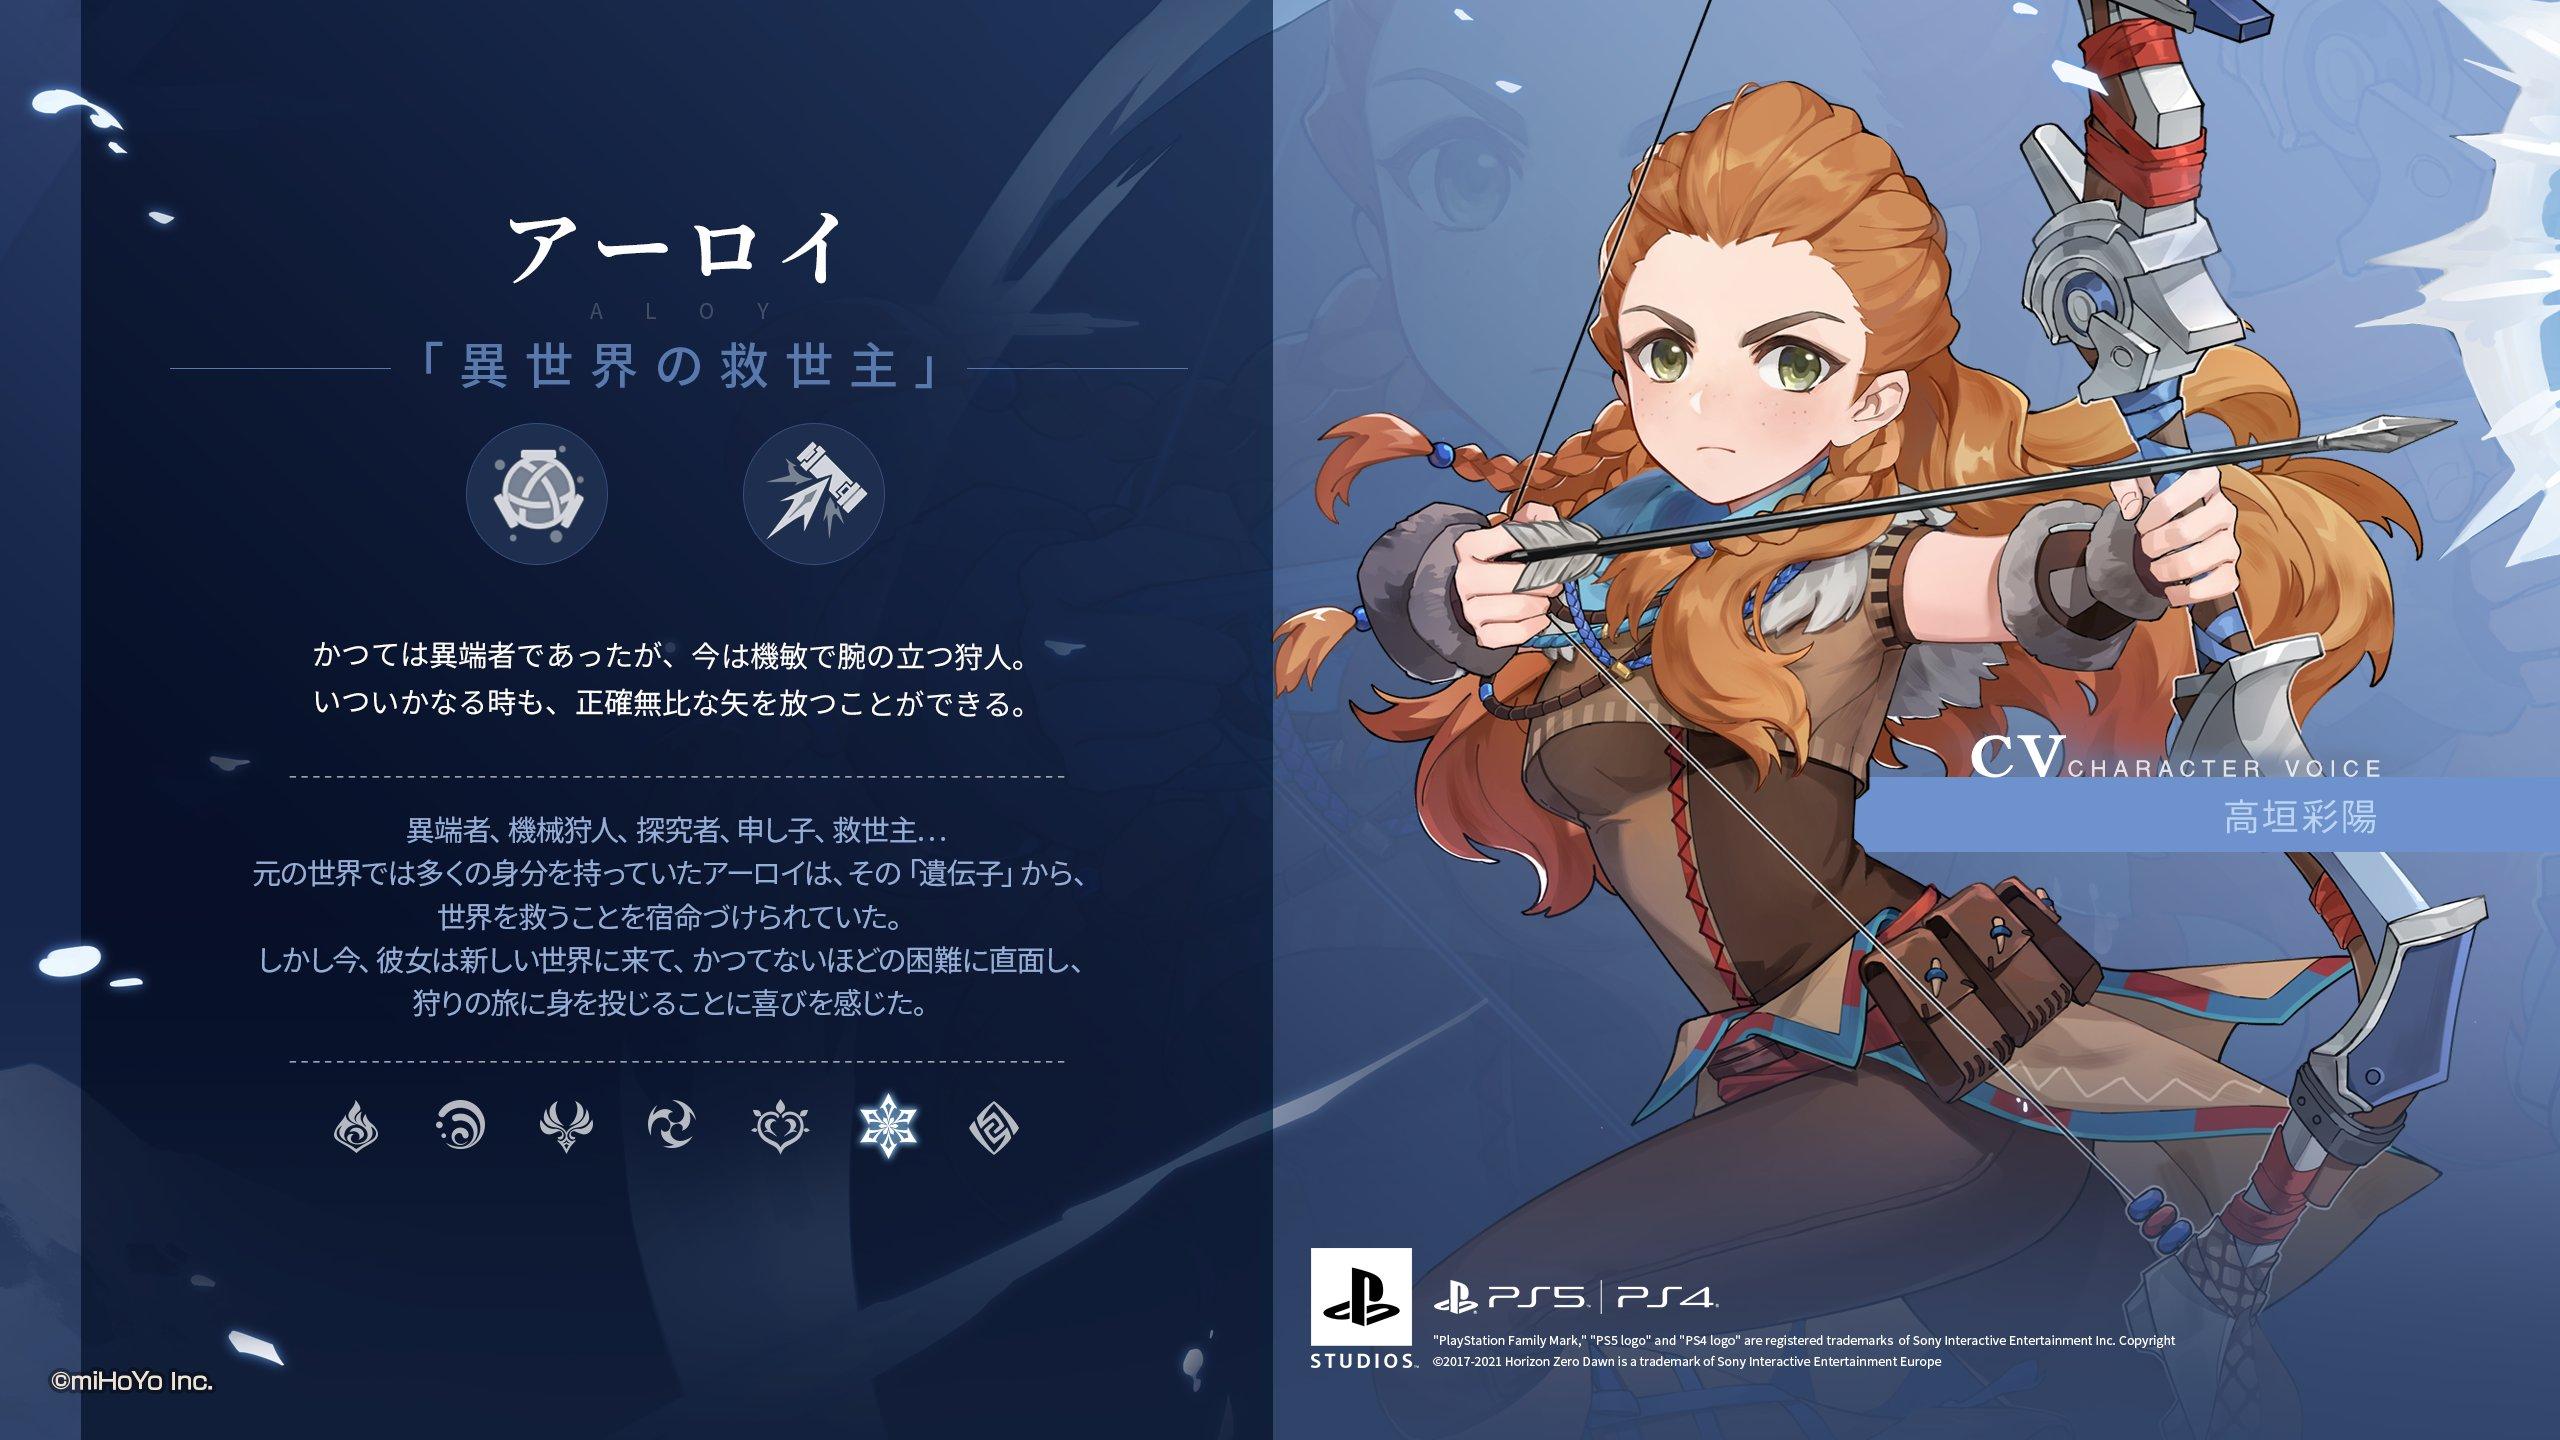 【原神 無料配布】ver2.2に配布決定!コラボキャラ星5(氷)弓「アーロイ」